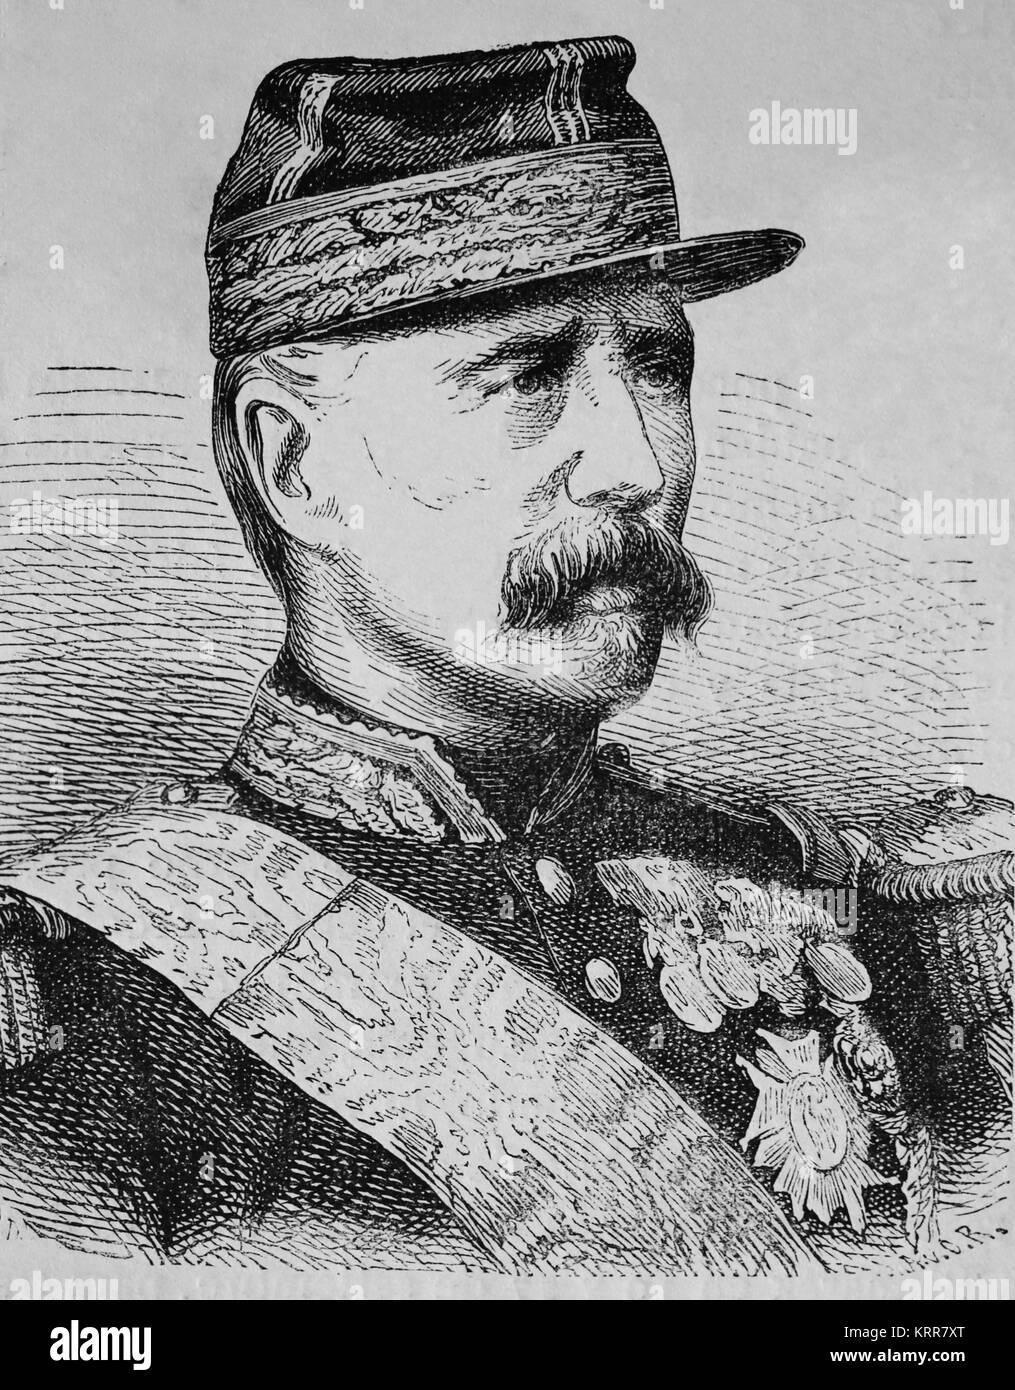 Patrice de MacMahon, duca di Magenta (1808-1893). Generale Francese e politico. Incisione, 1883. Immagini Stock